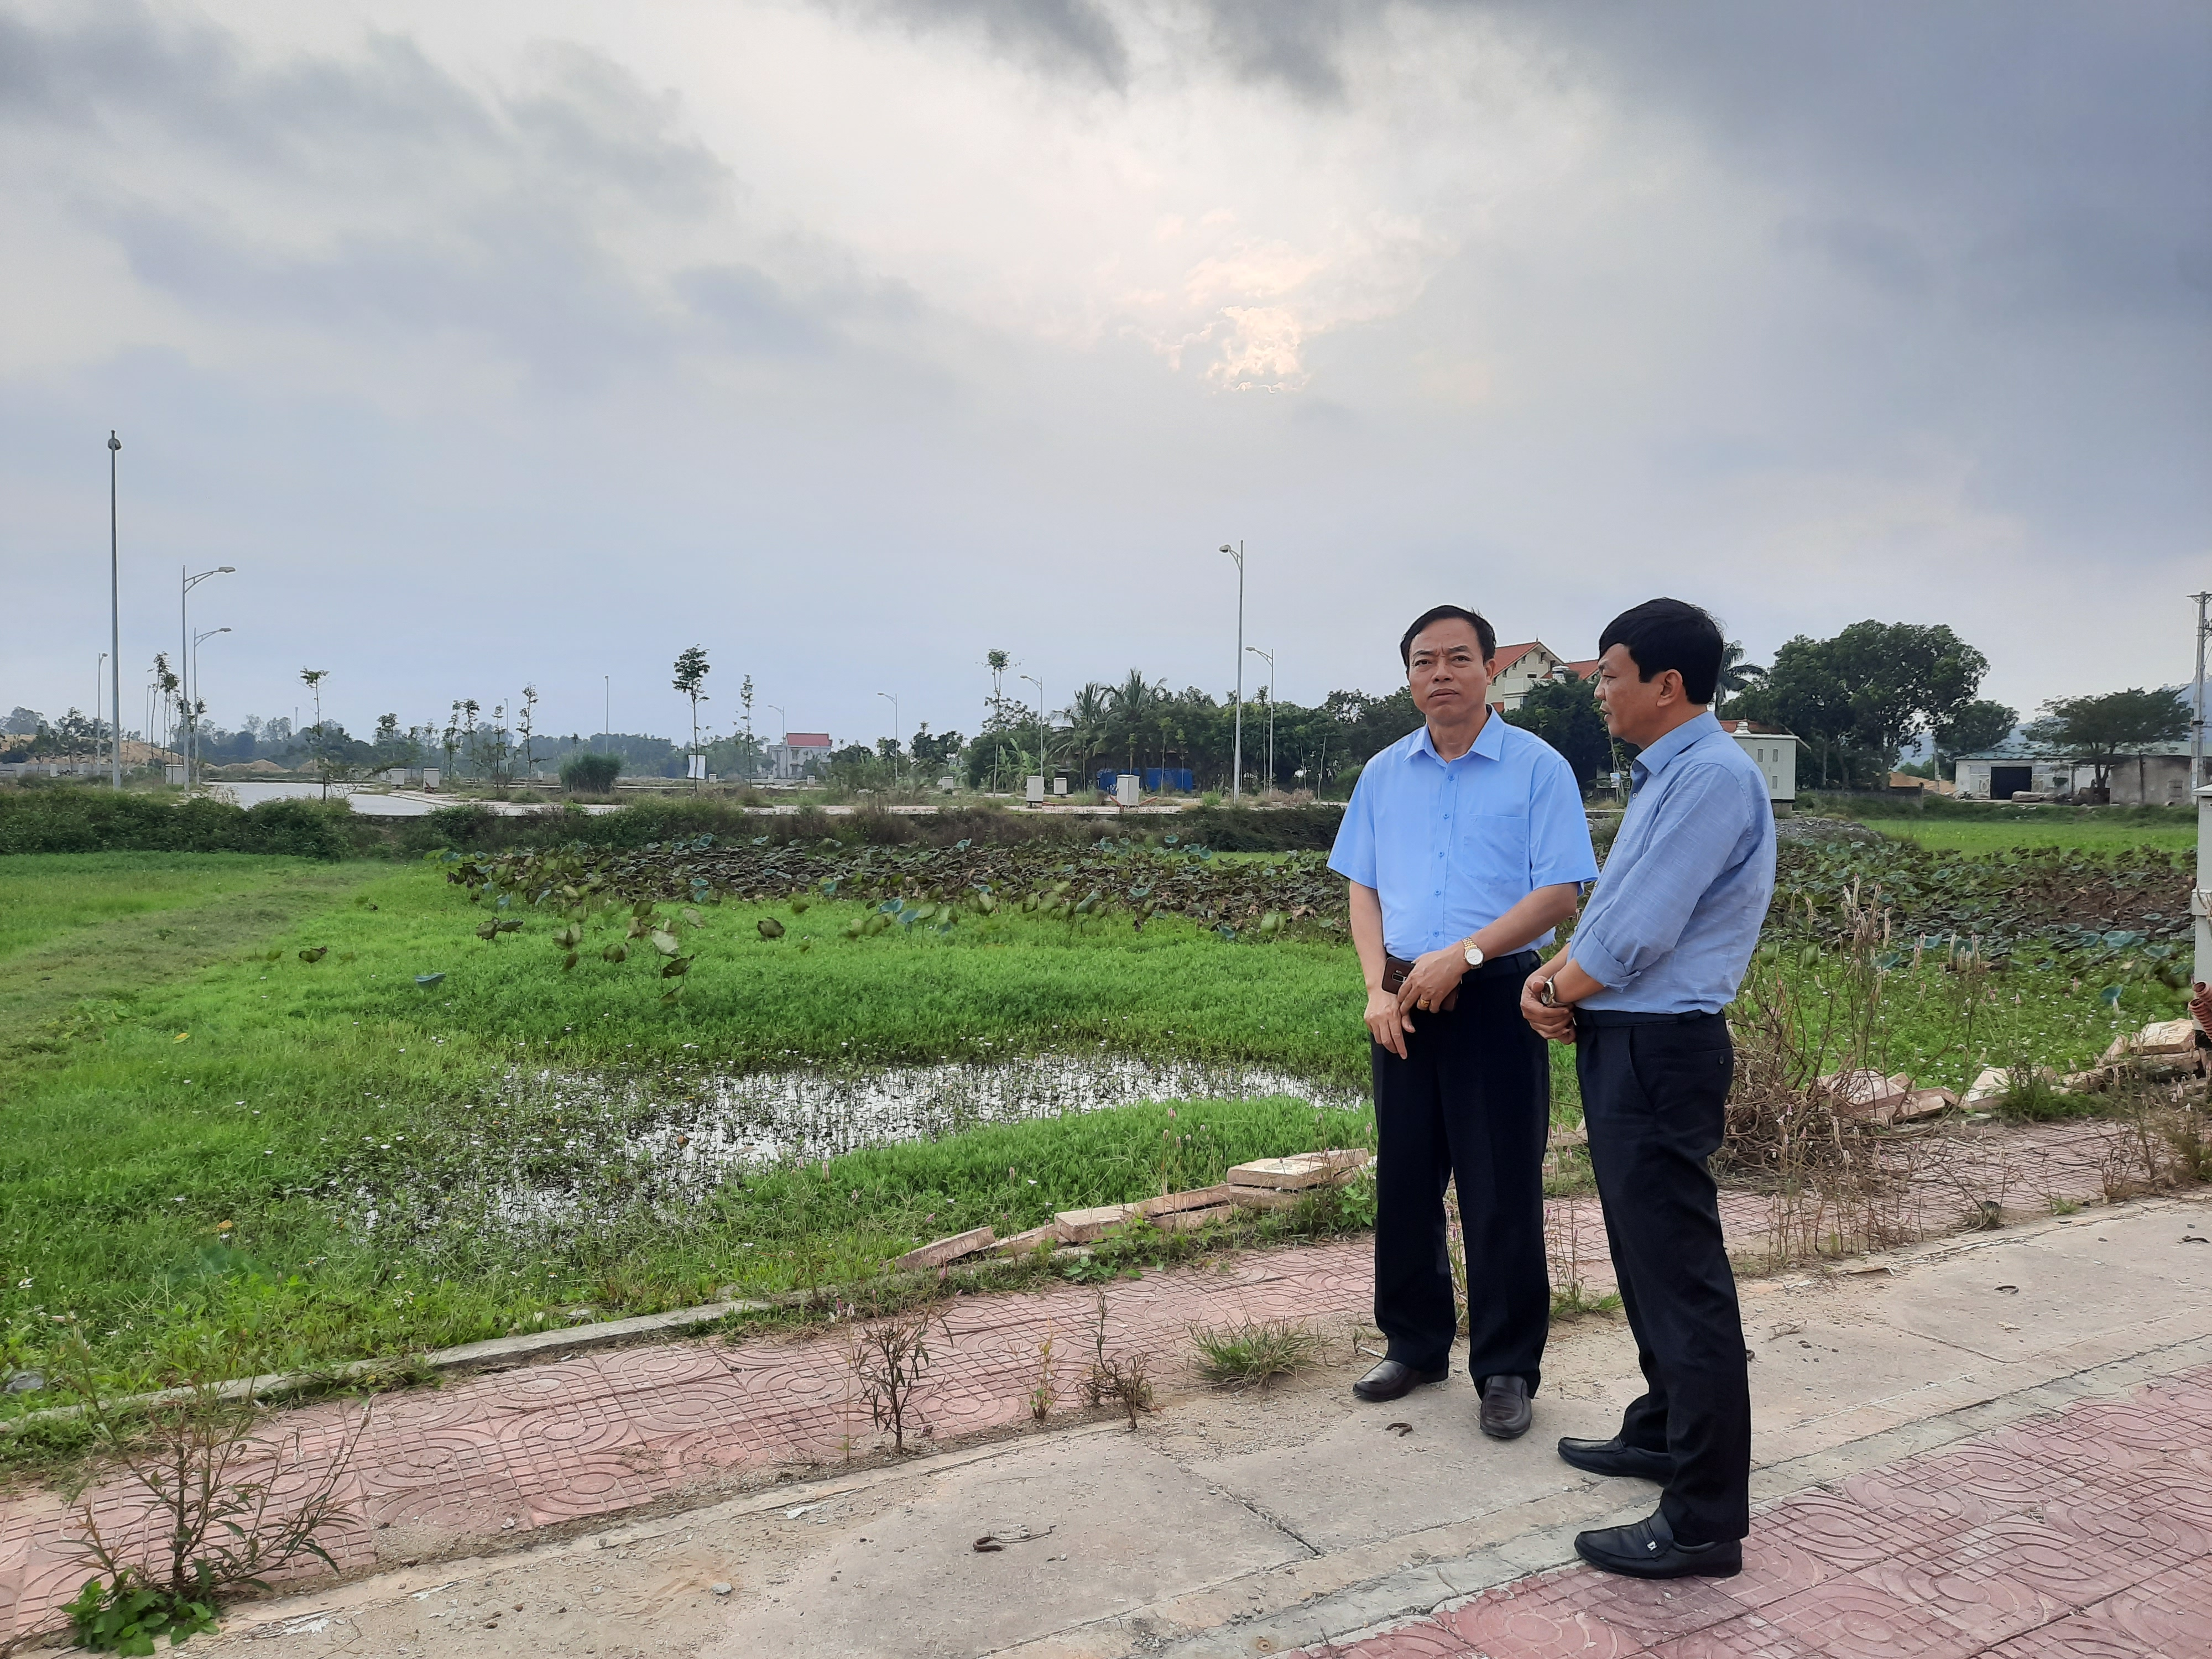 Ông Lê Tiến Vinh, Chủ tịch xã Thiệu Khánh (trái) kiểm tra mặt bằng dự án